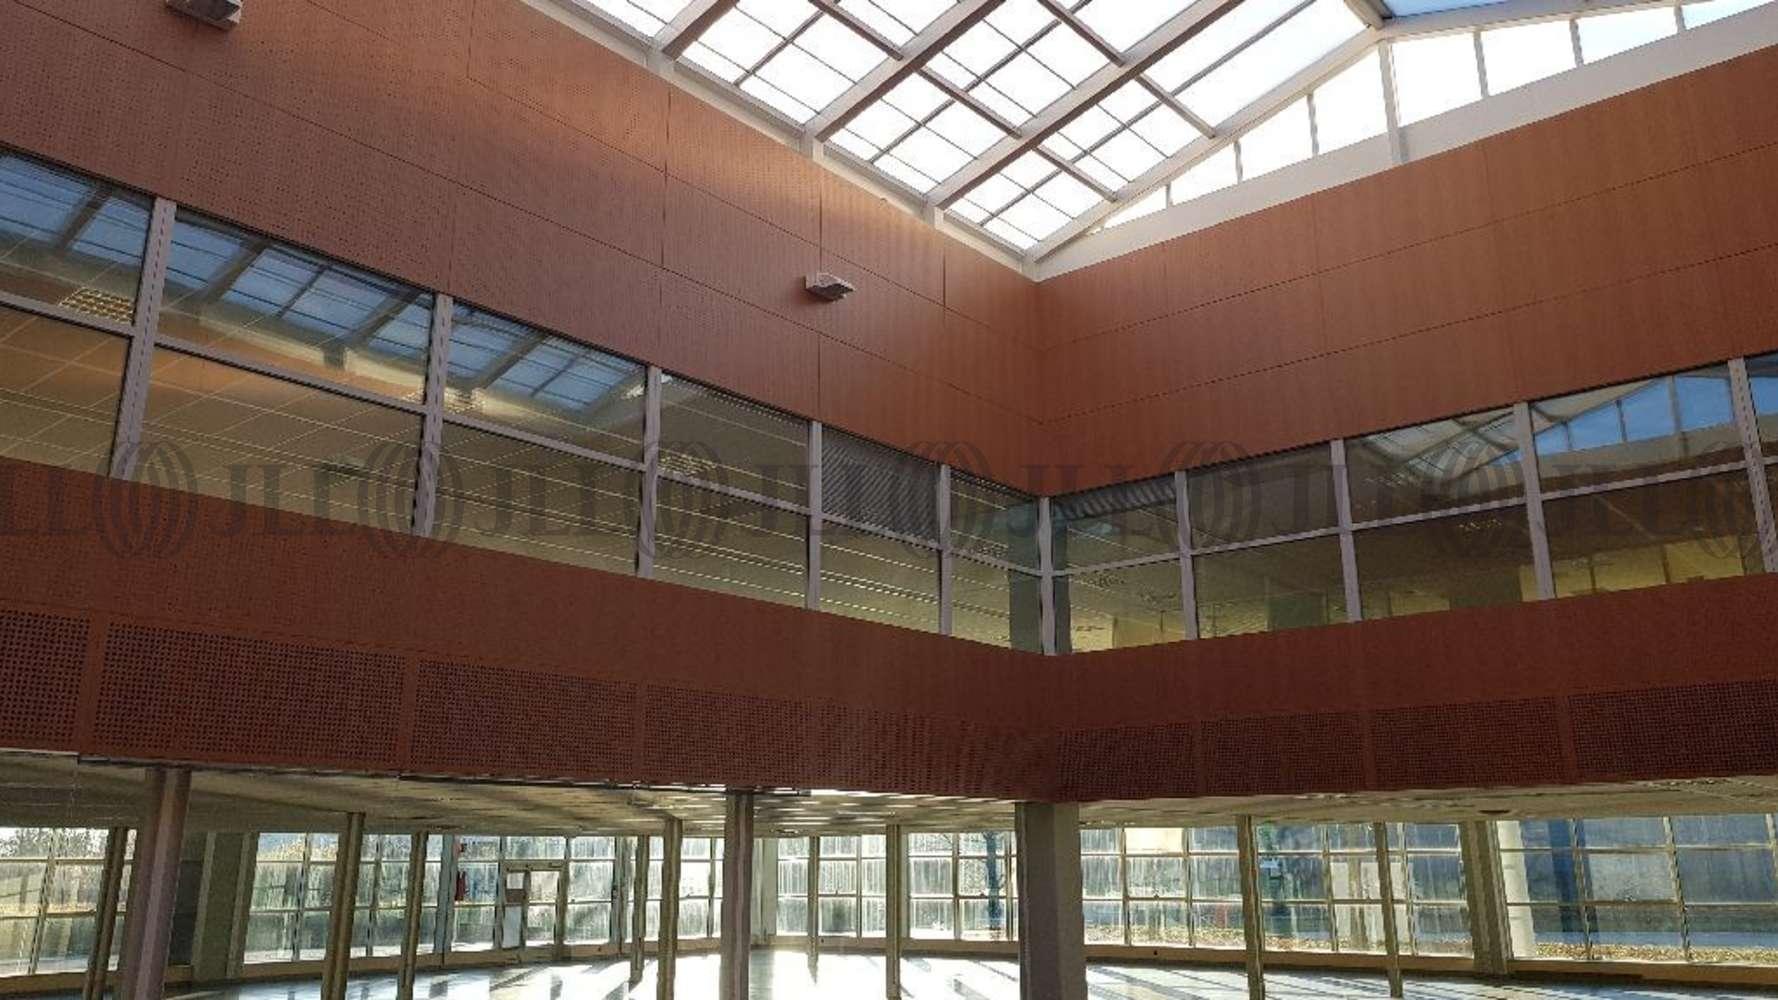 Activités/entrepôt La boisse, 01120 - Location / Achat - Batiment mixte Lyon - 10157159